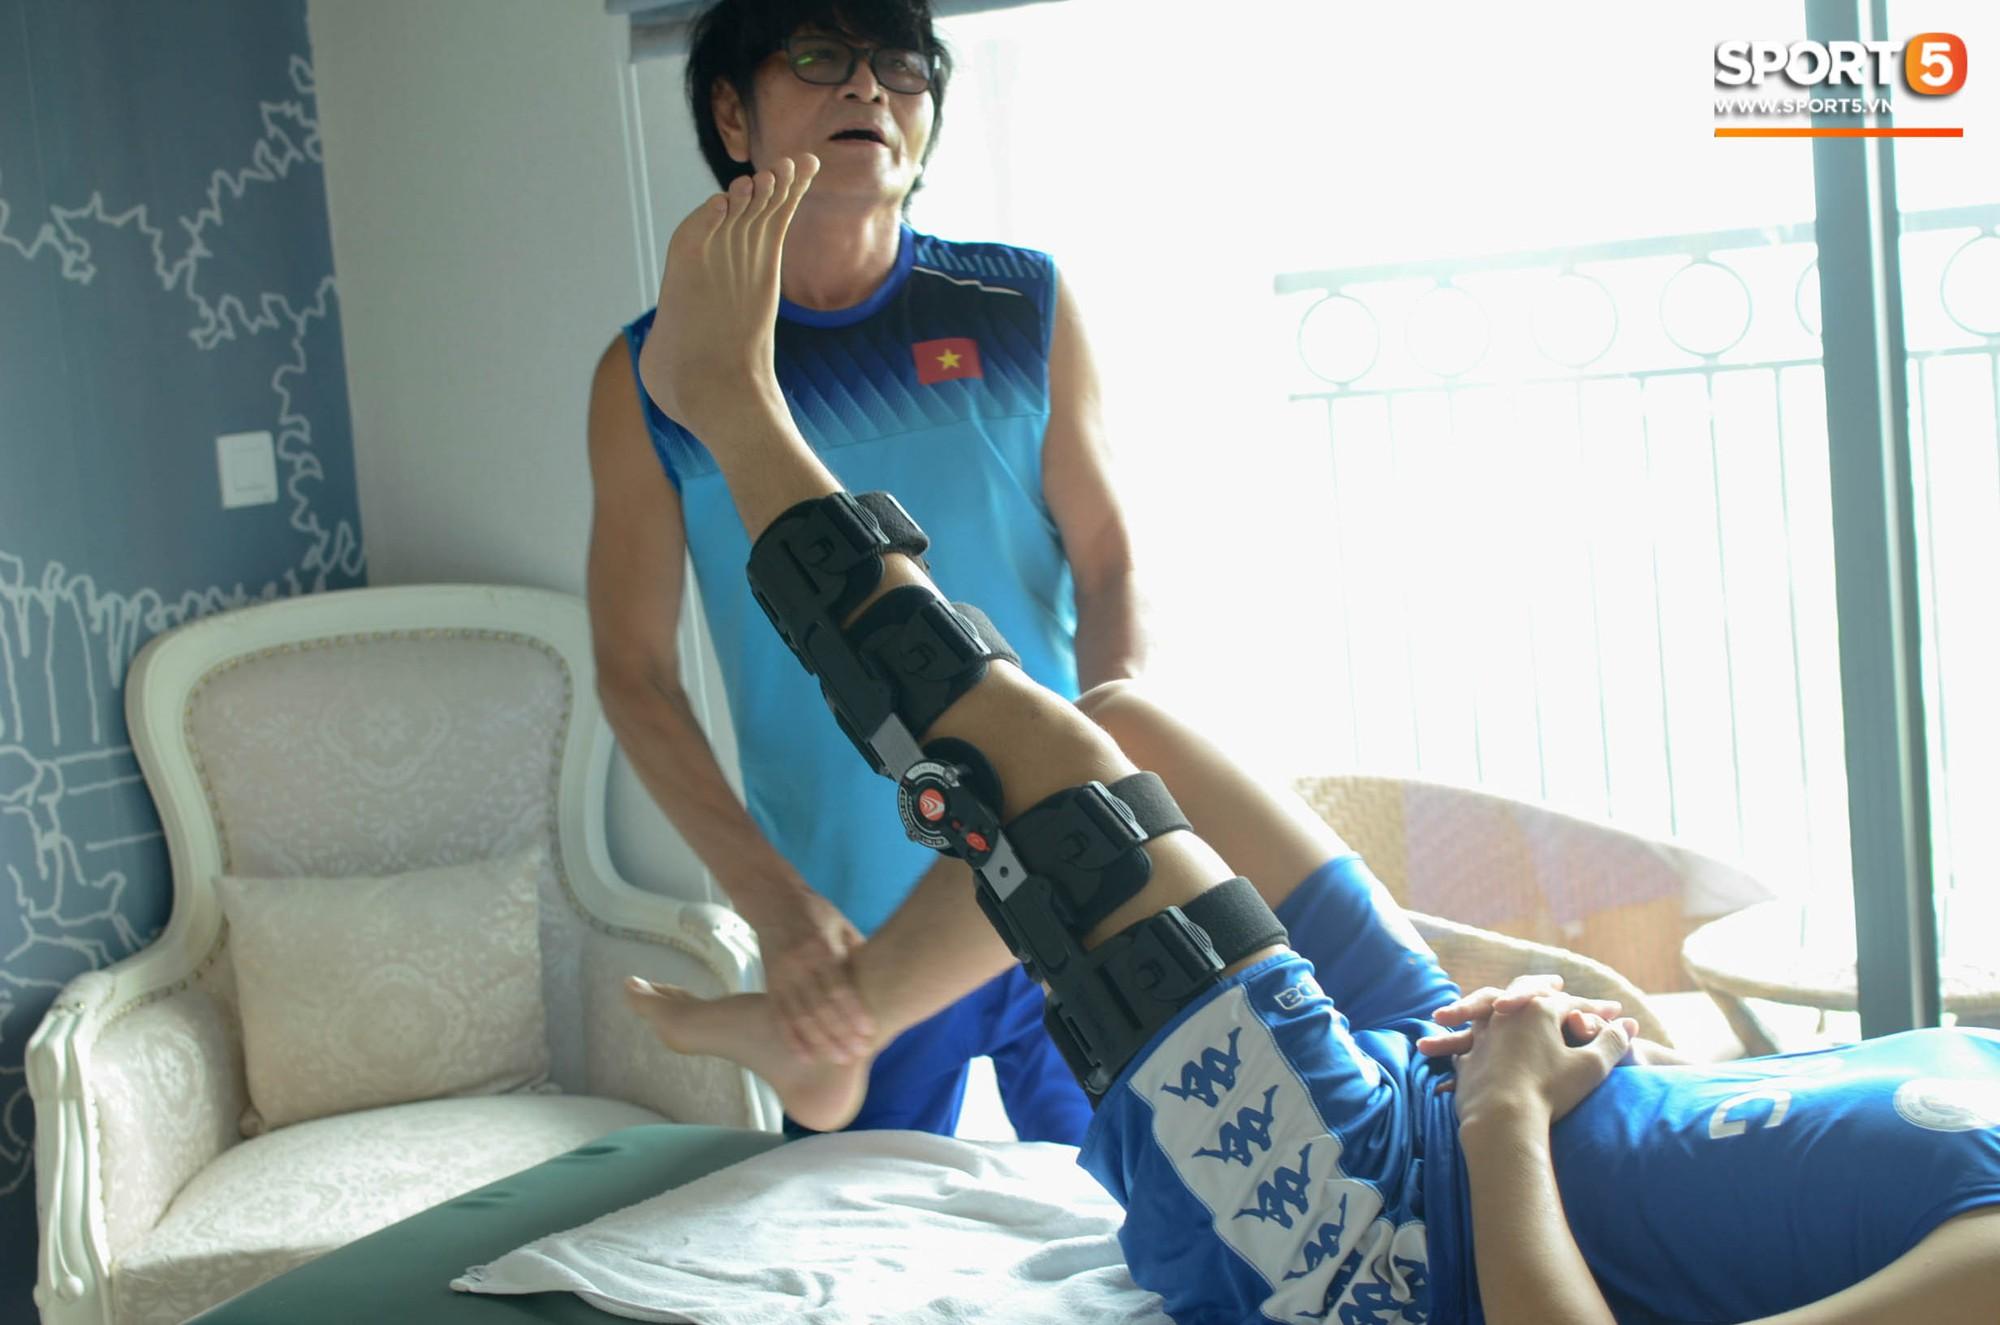 Đình Trọng kiên trì tập hồi phục, hy vọng mong manh kịp bình phục dự SEA Games 30-14